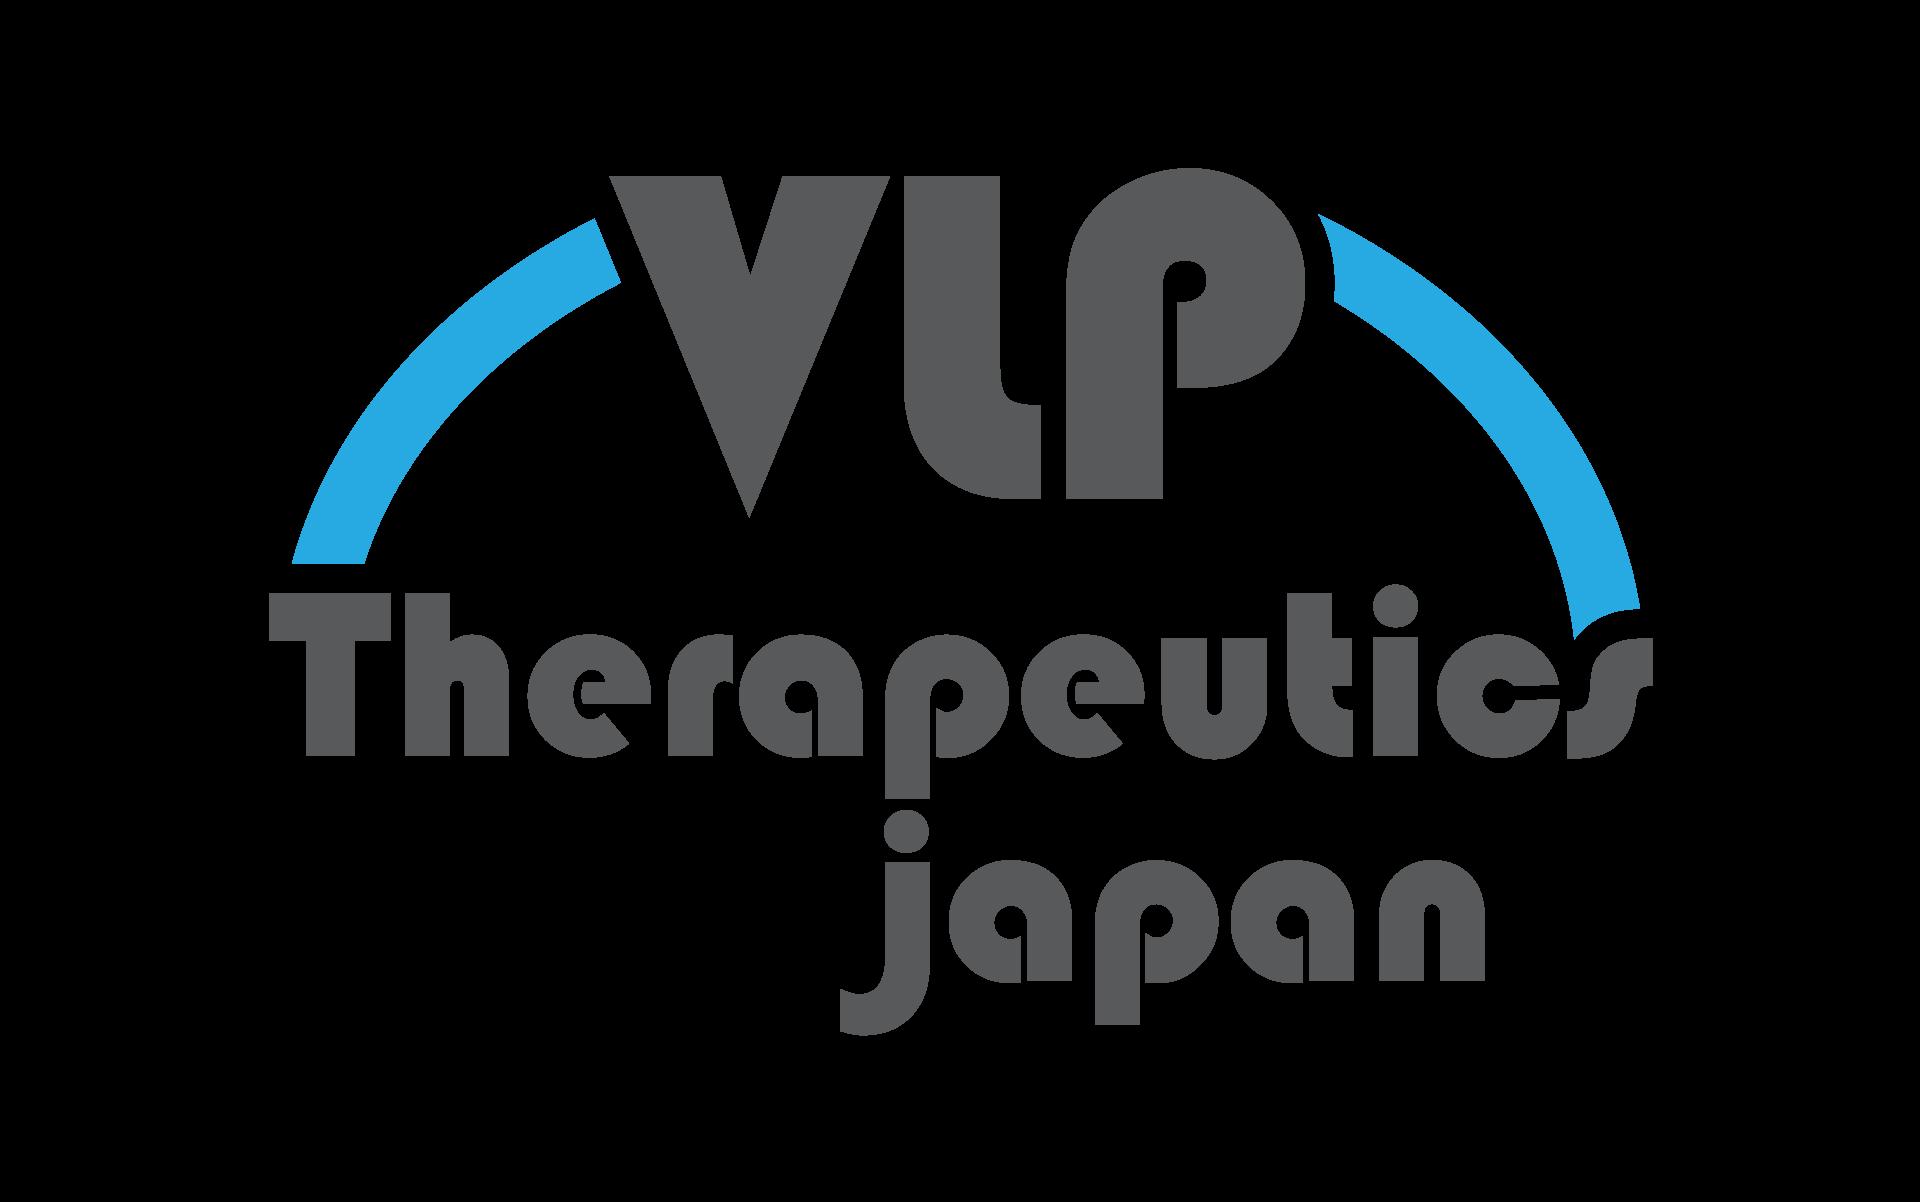 VLPセラピューティクス・ジャパン | VLP Therapeutics Japan